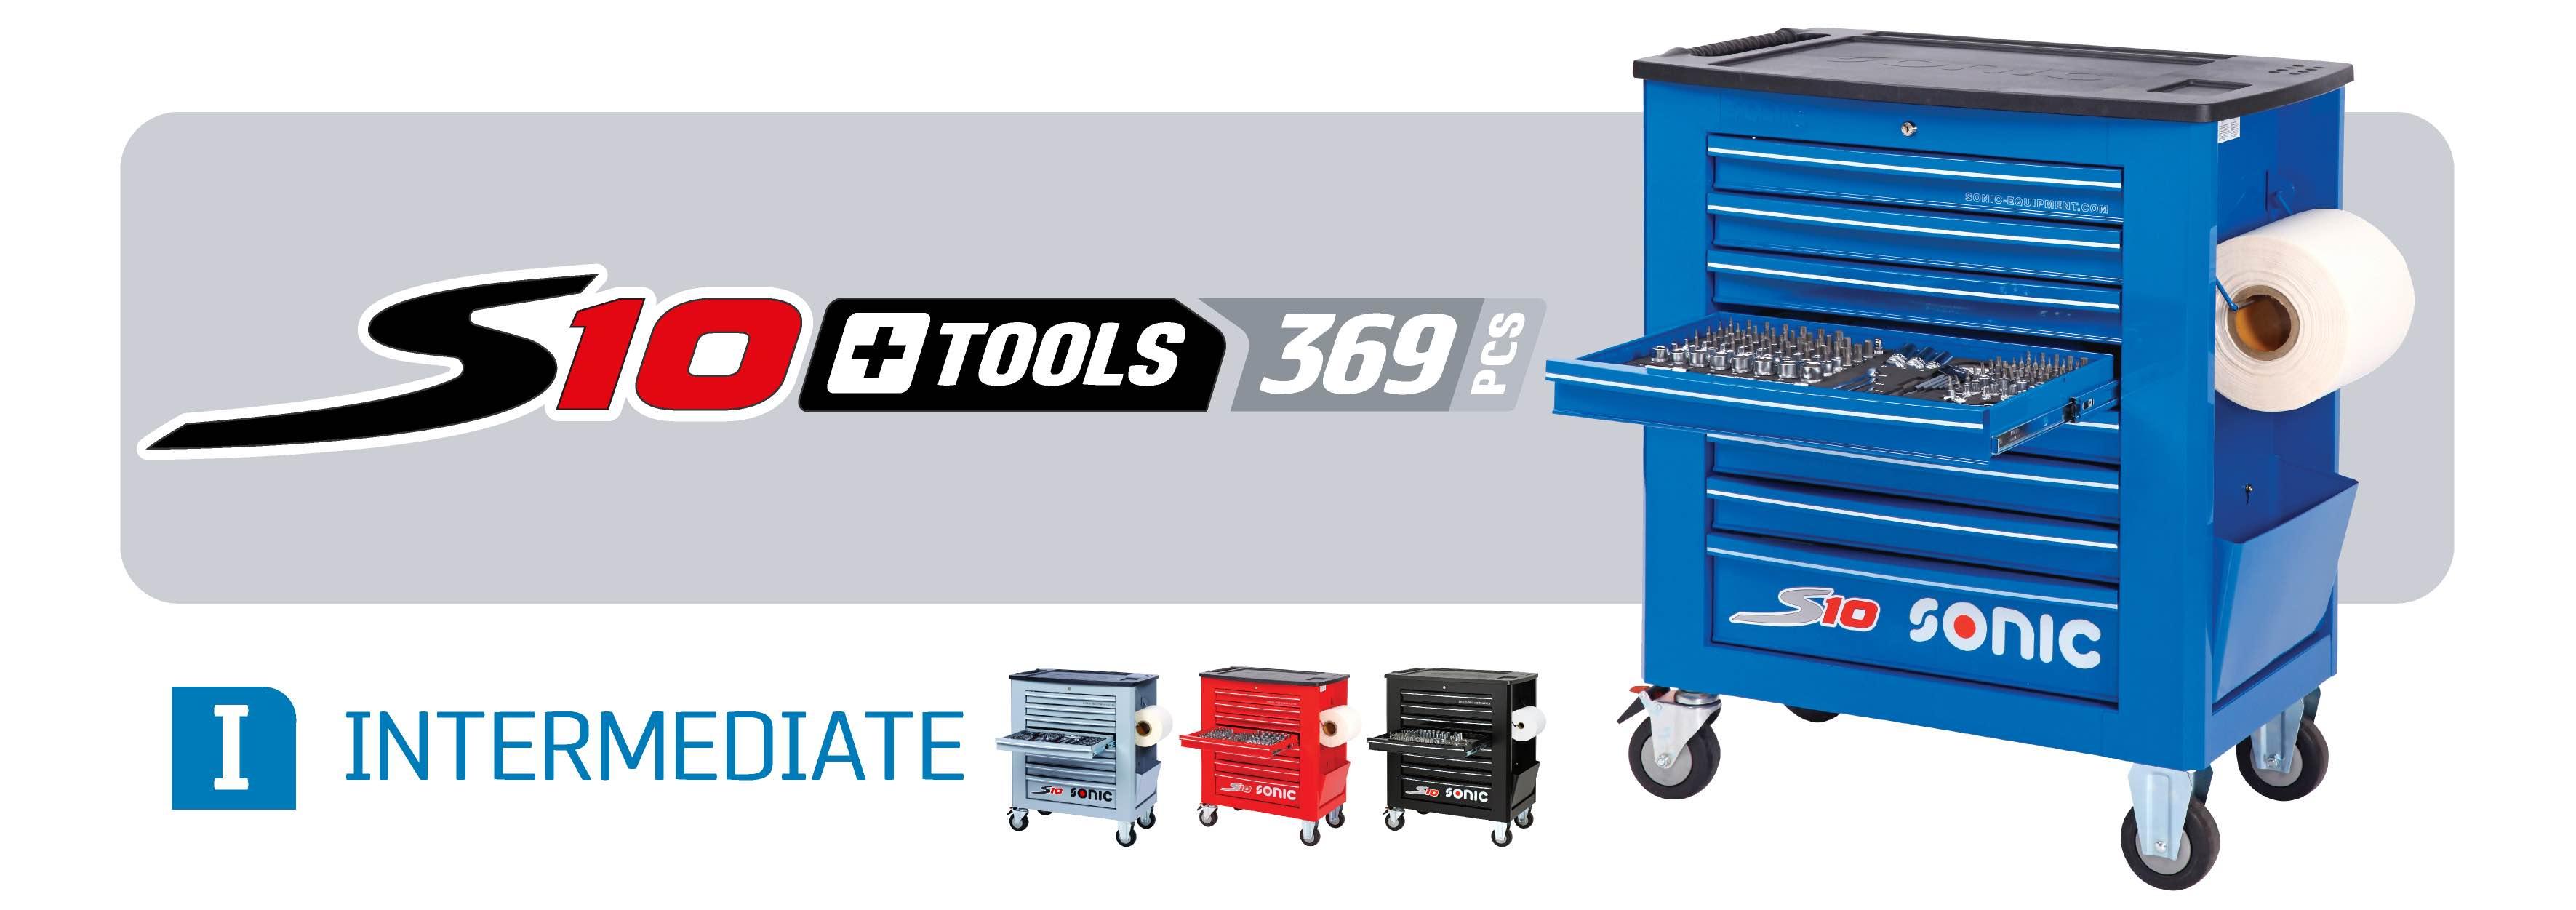 S10 369PCS工具箱加工具